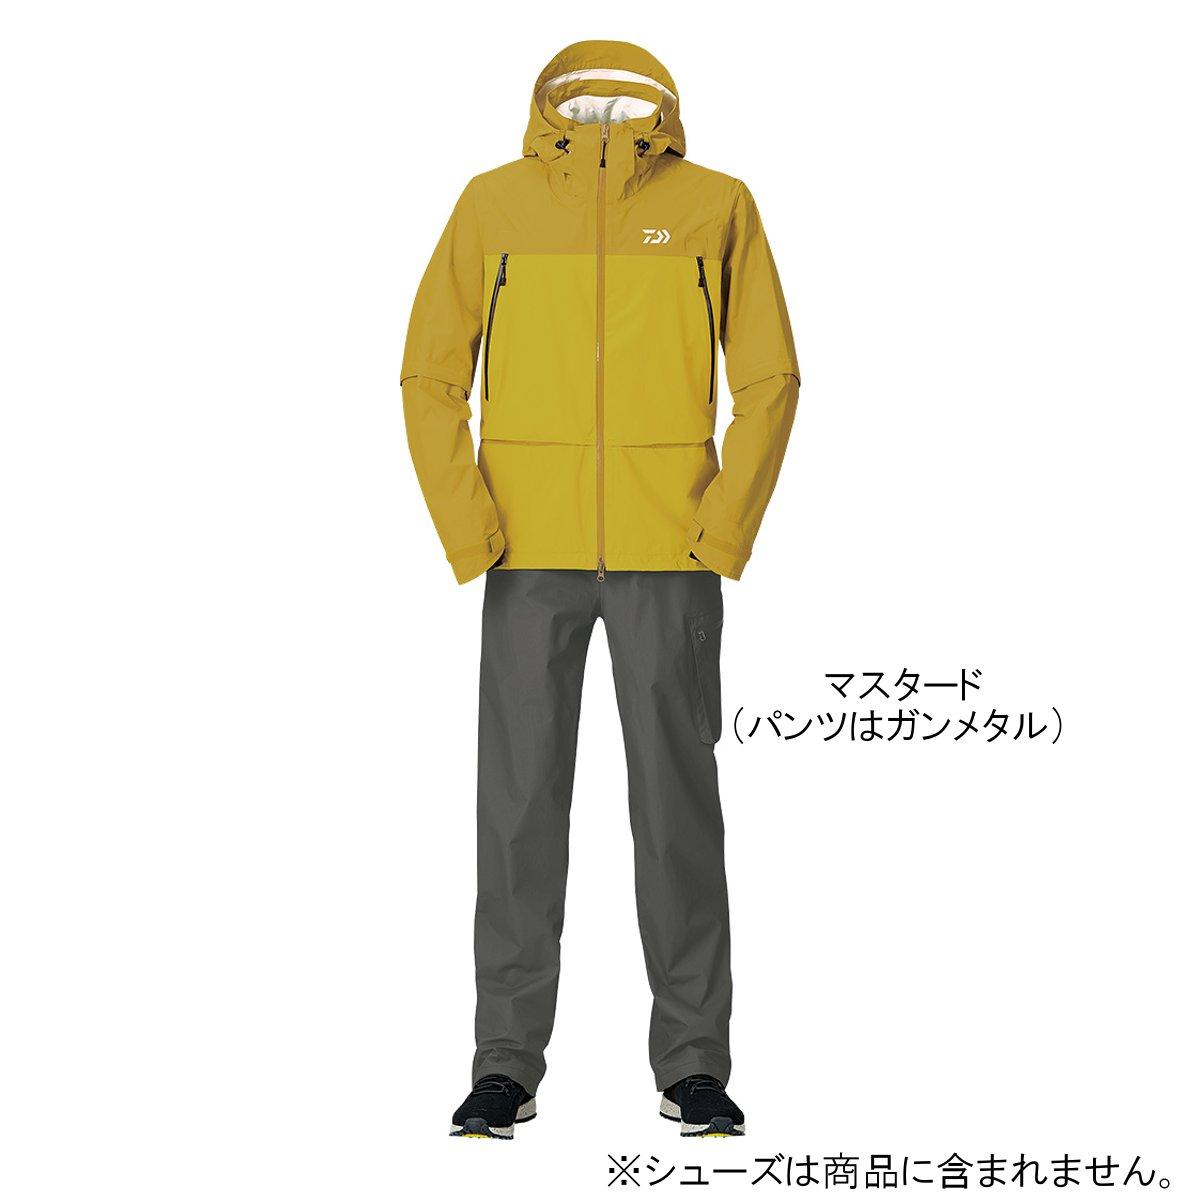 ダイワ レインマックス デタッチャブルレインスーツ DR-30009 WM マスタード(東日本店)